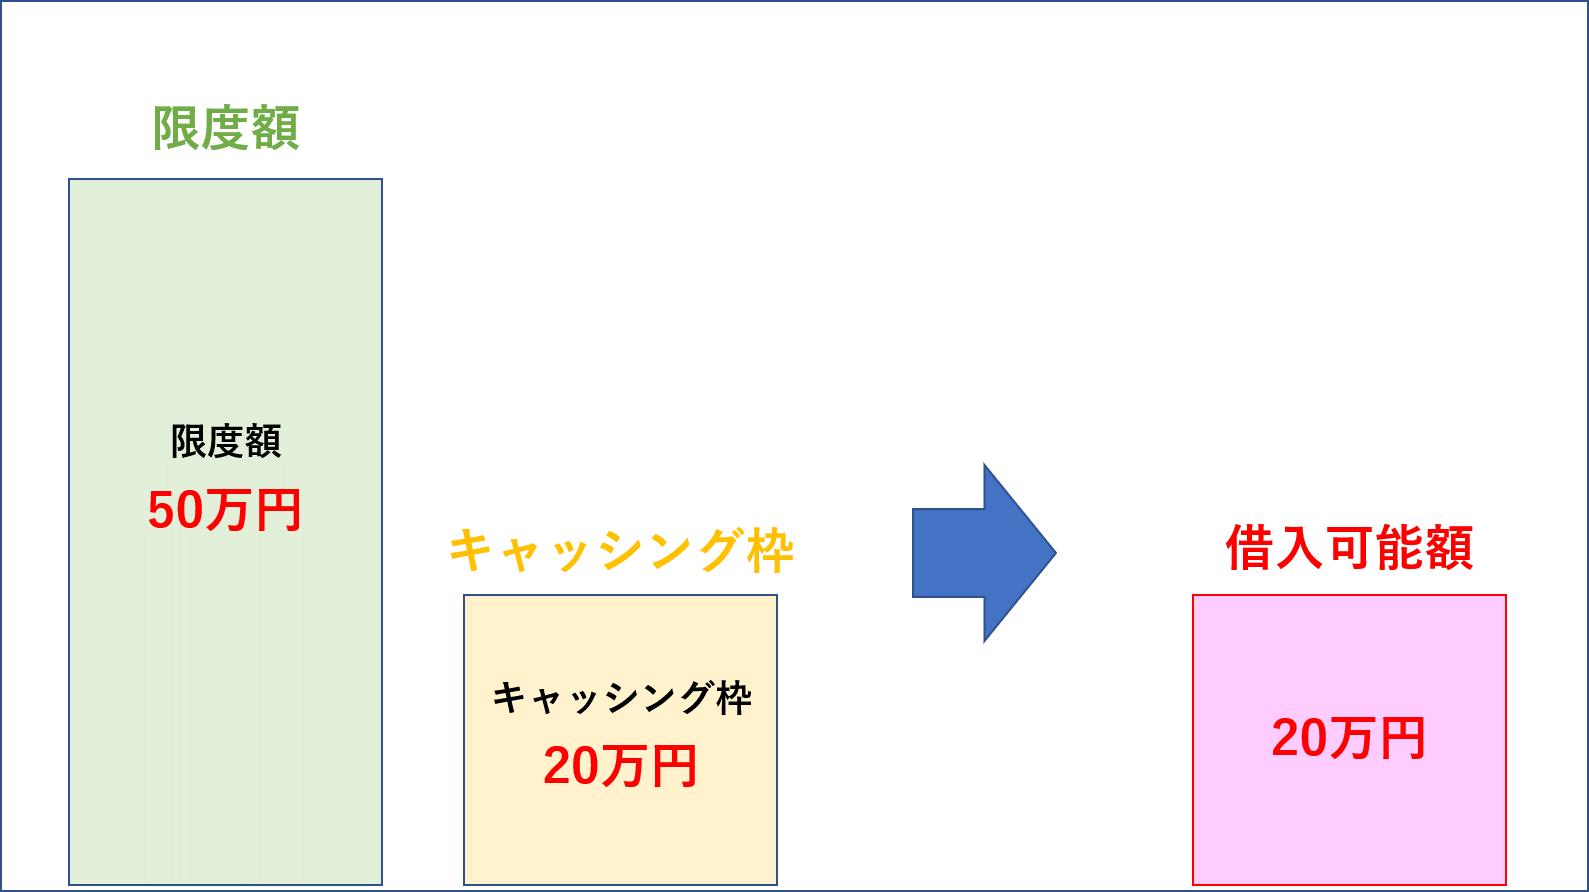 限度額とキャシング枠の関係